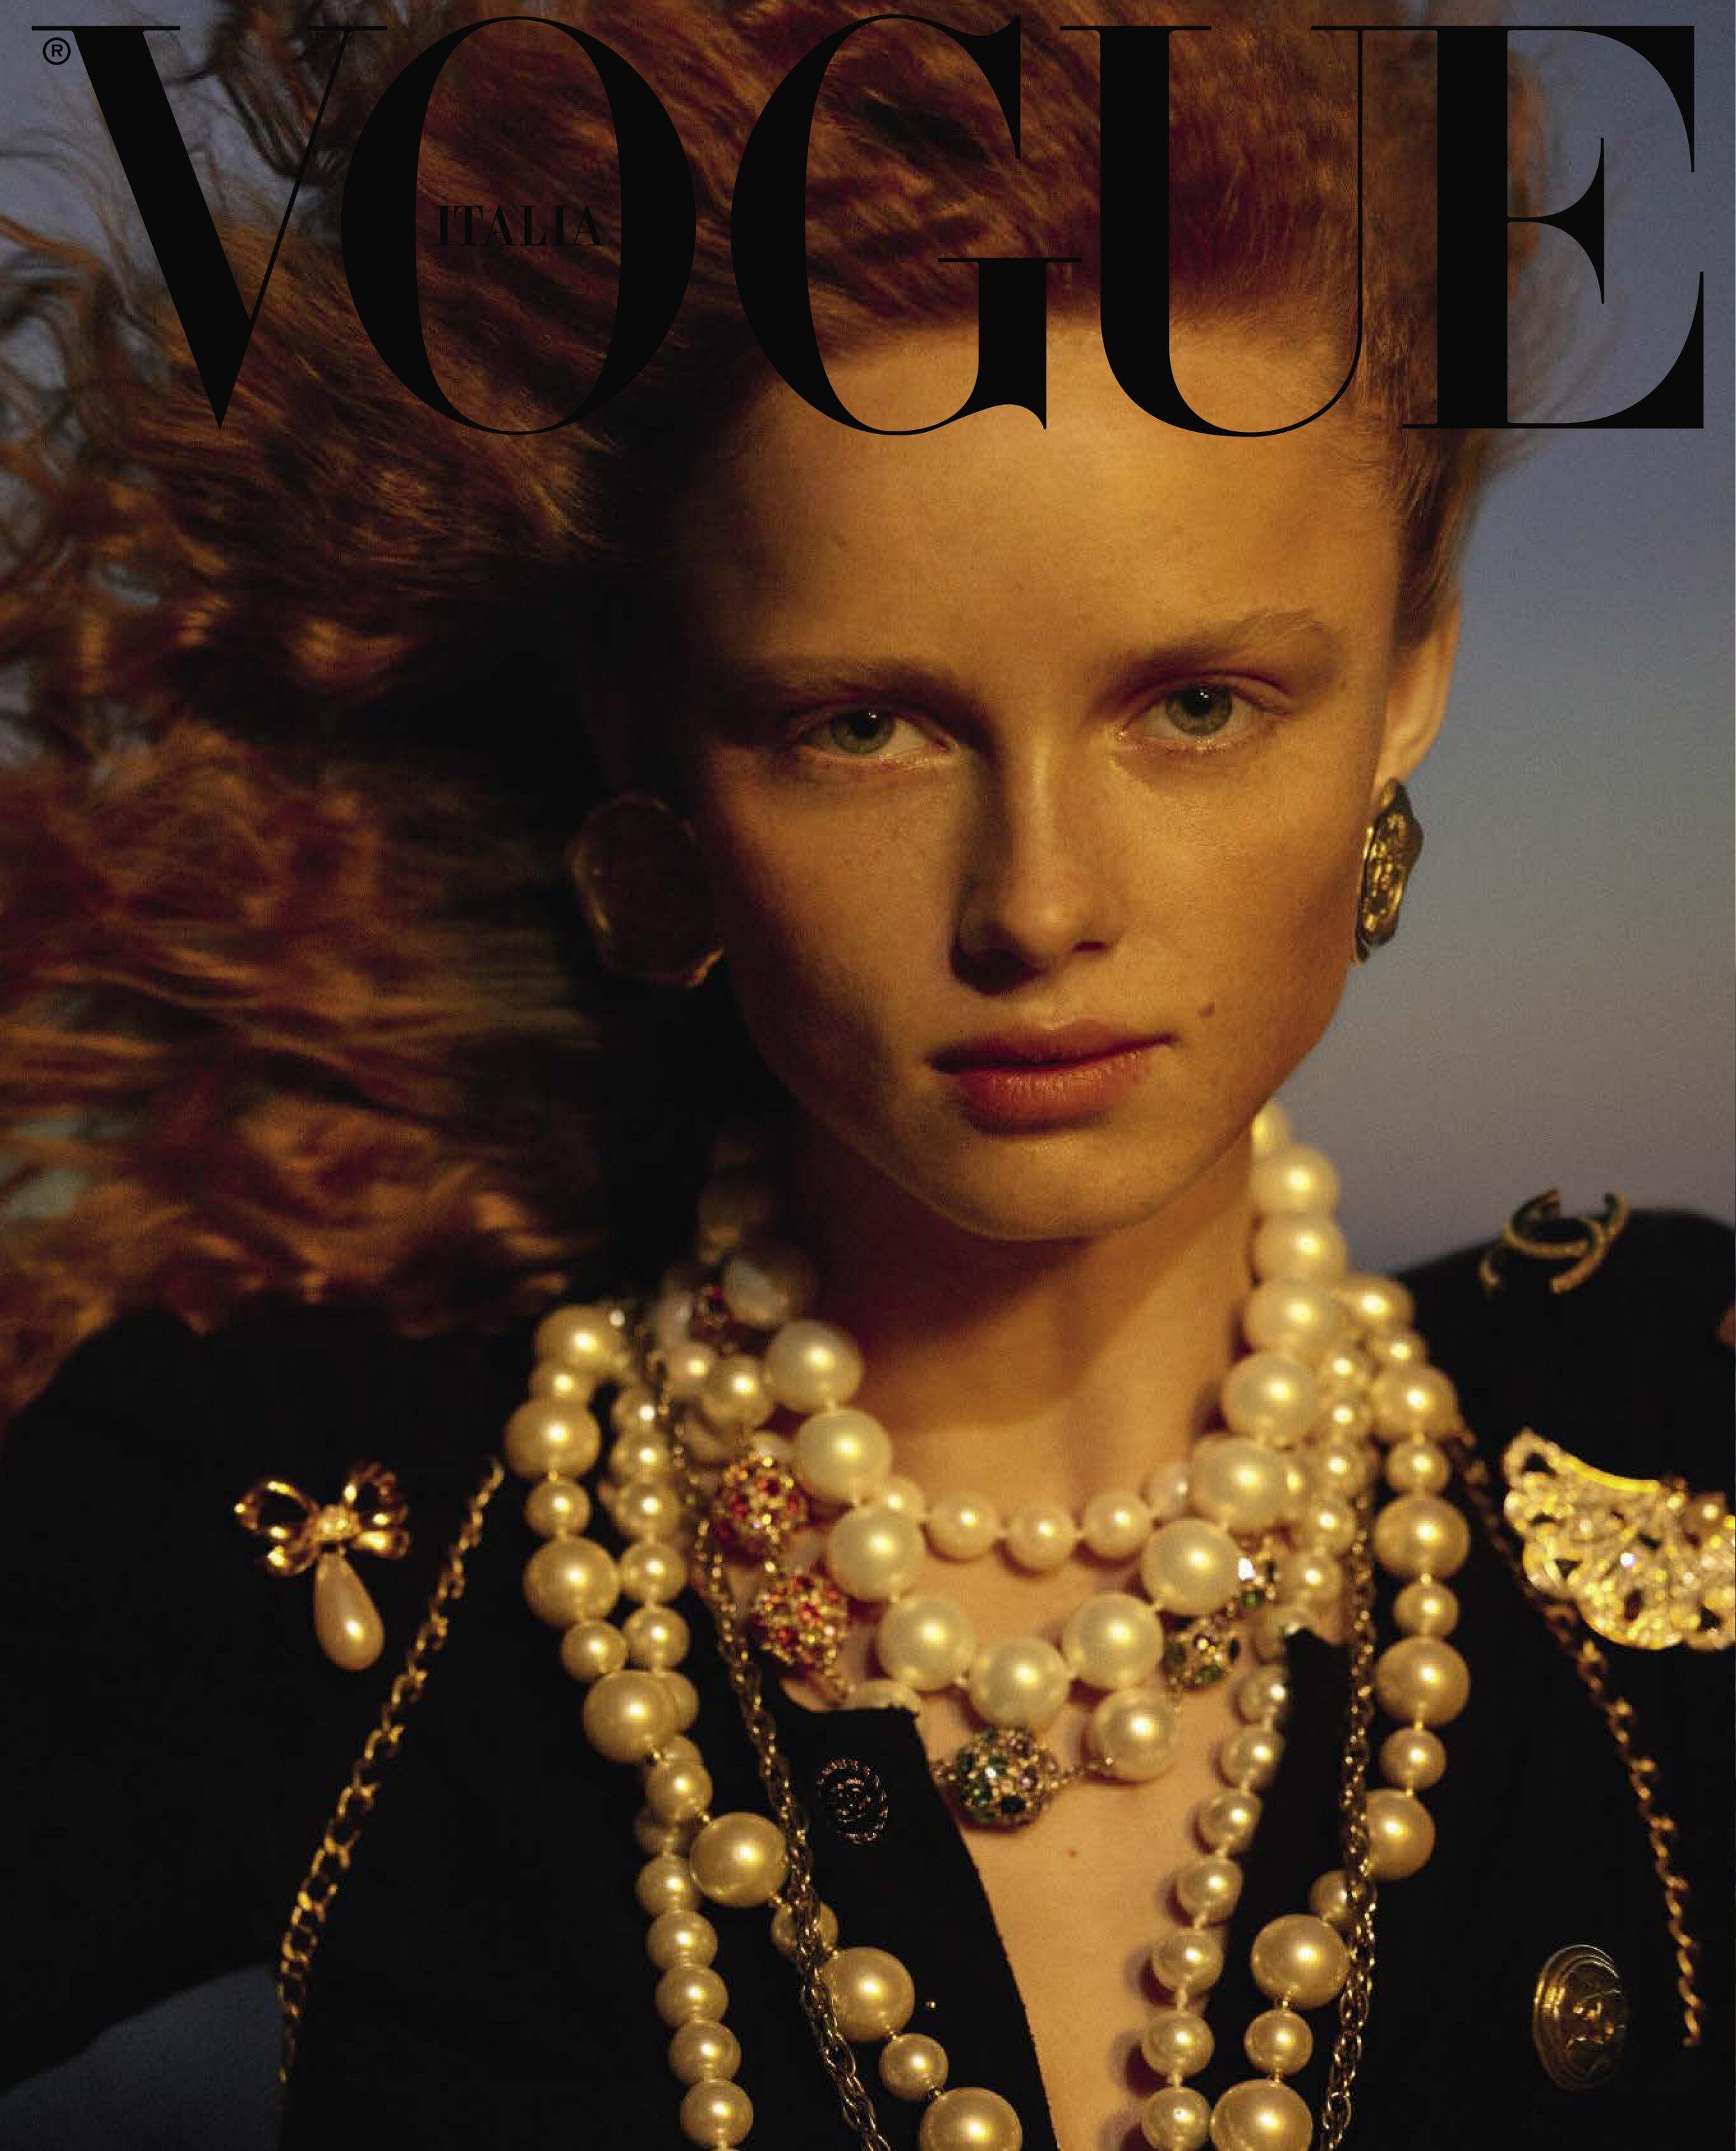 Rianne-Van-Rompaey-Vogue-Italia-April-2019- (8).jpg